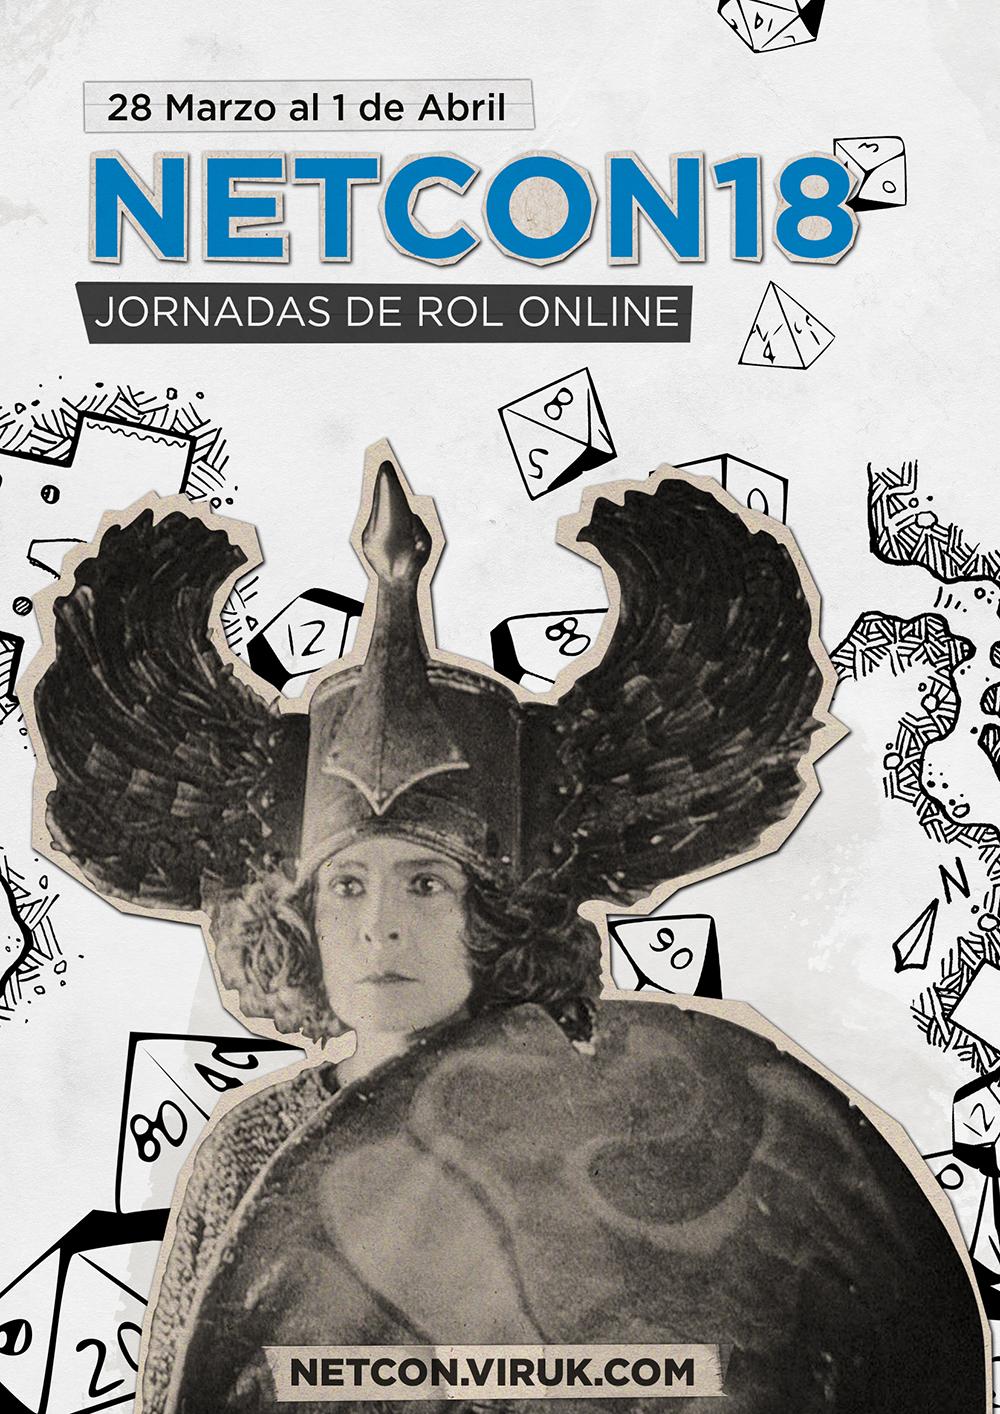 NETCON 18